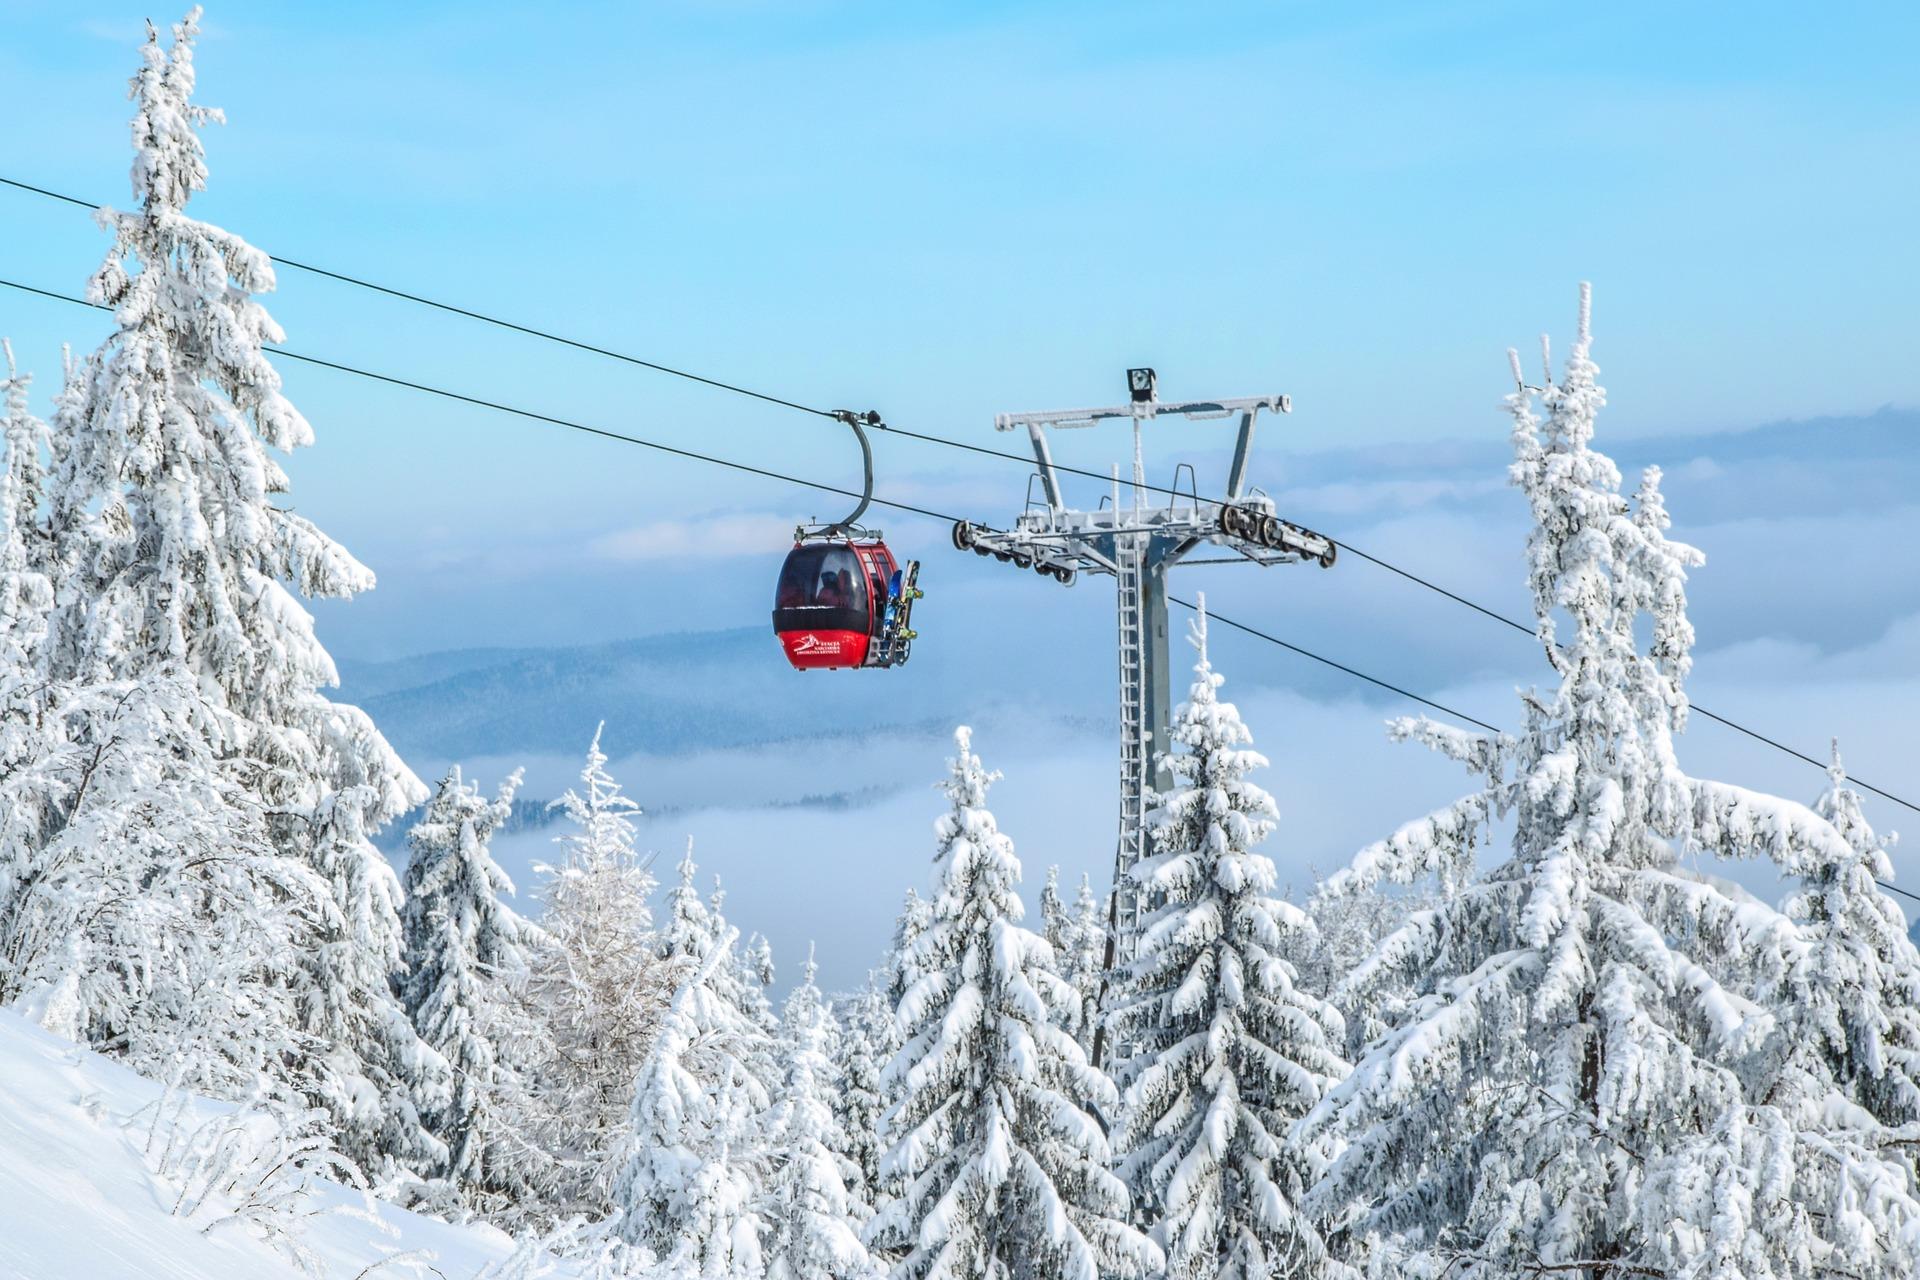 Prachtige uitzichten tijdens de wintersport